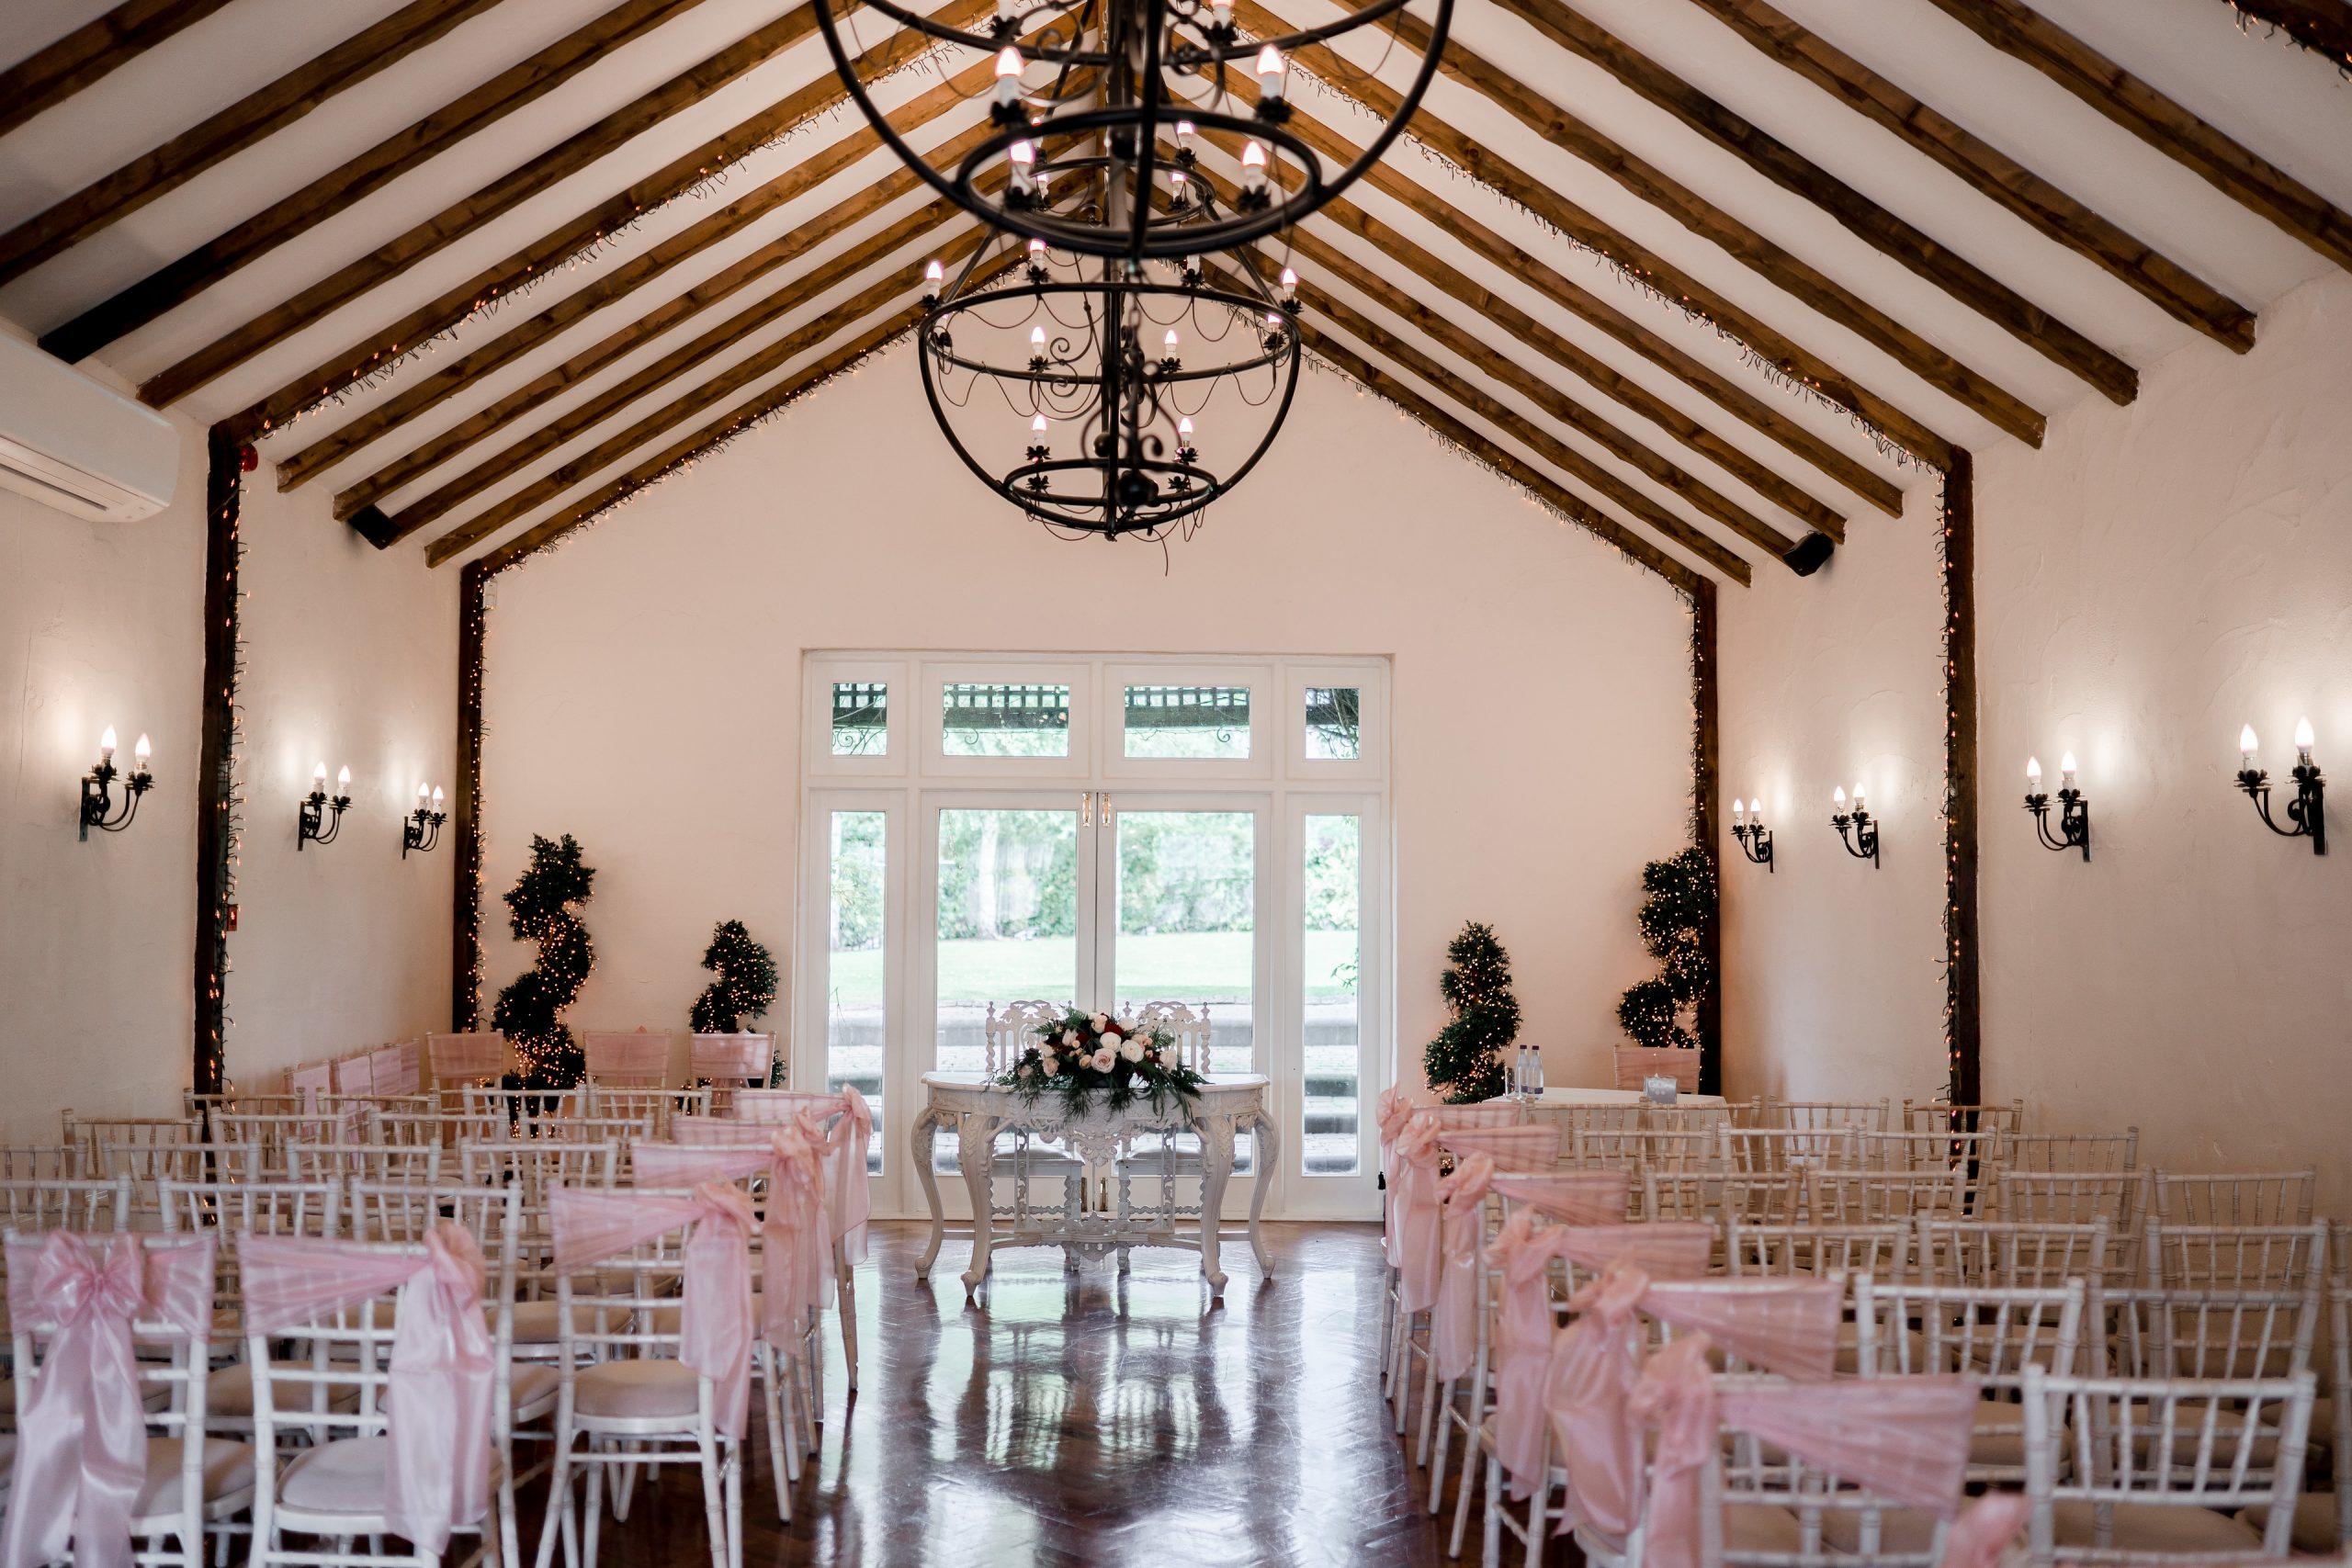 Baronial Hall Wedding Venue